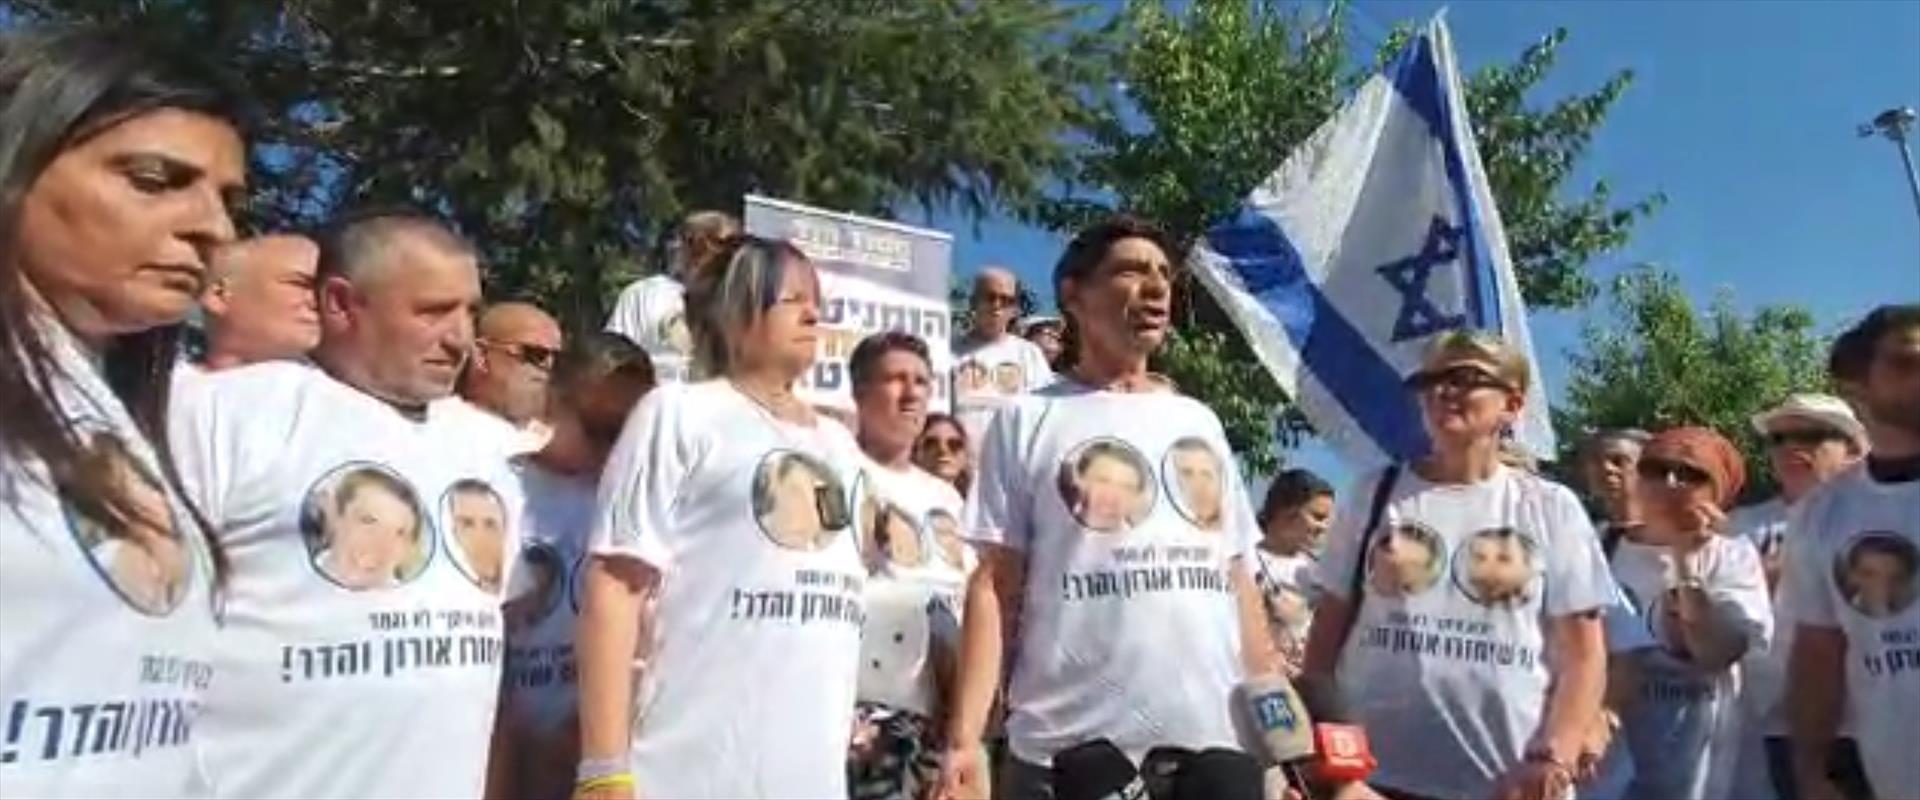 בני הזוג גולדין באירוע המחאה ליד הר הרצל, היום